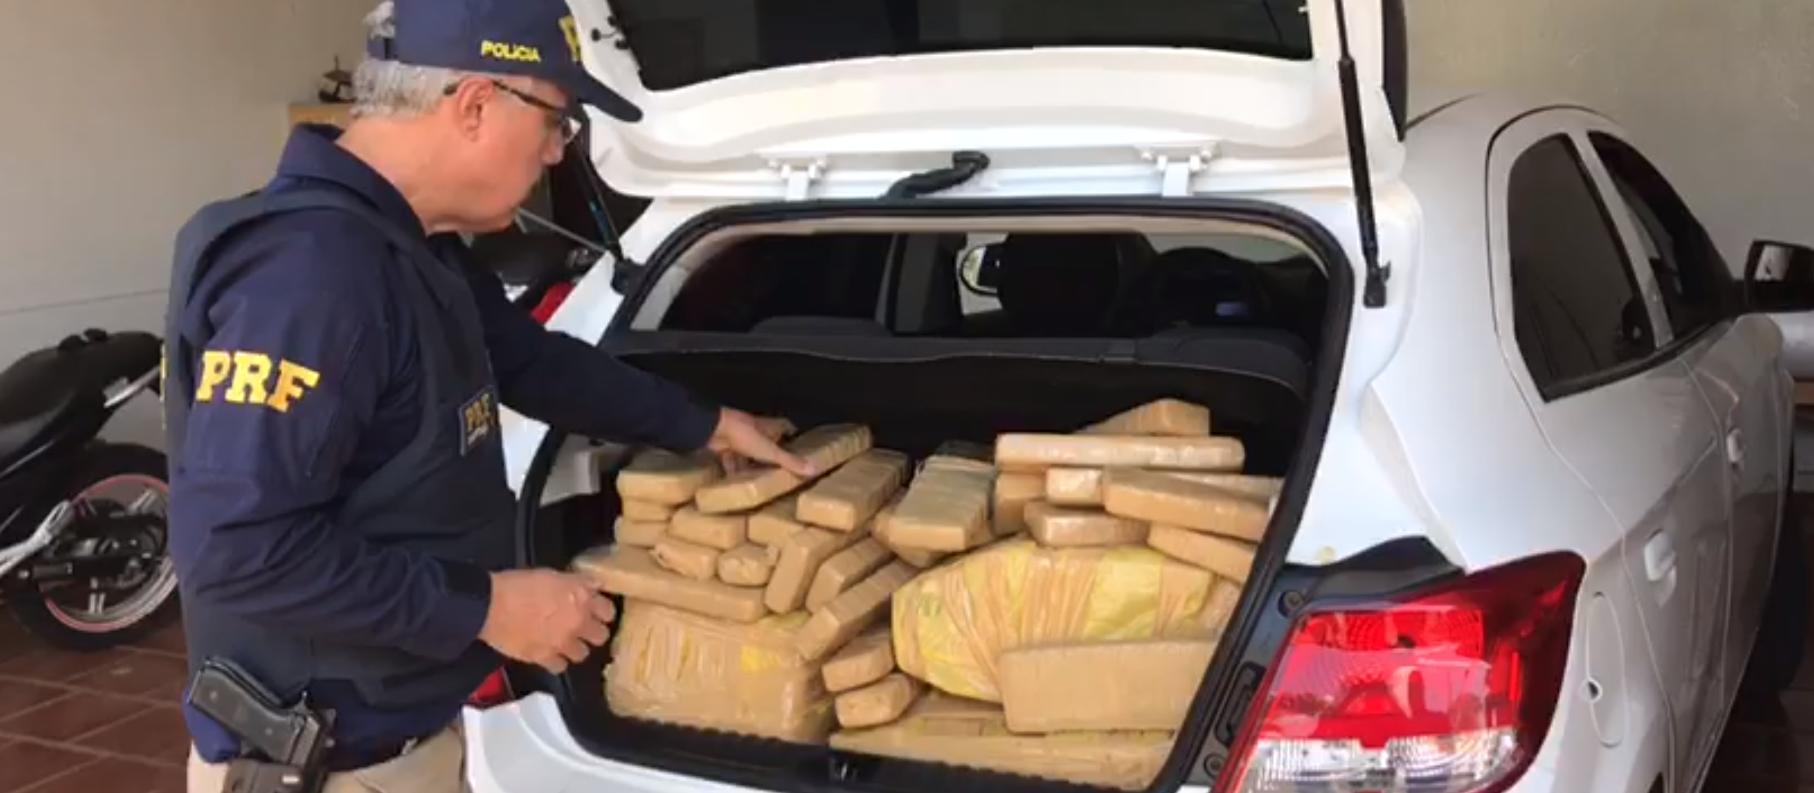 Mais de 120 kg de maconha são apreendidos pela PRF em veículo